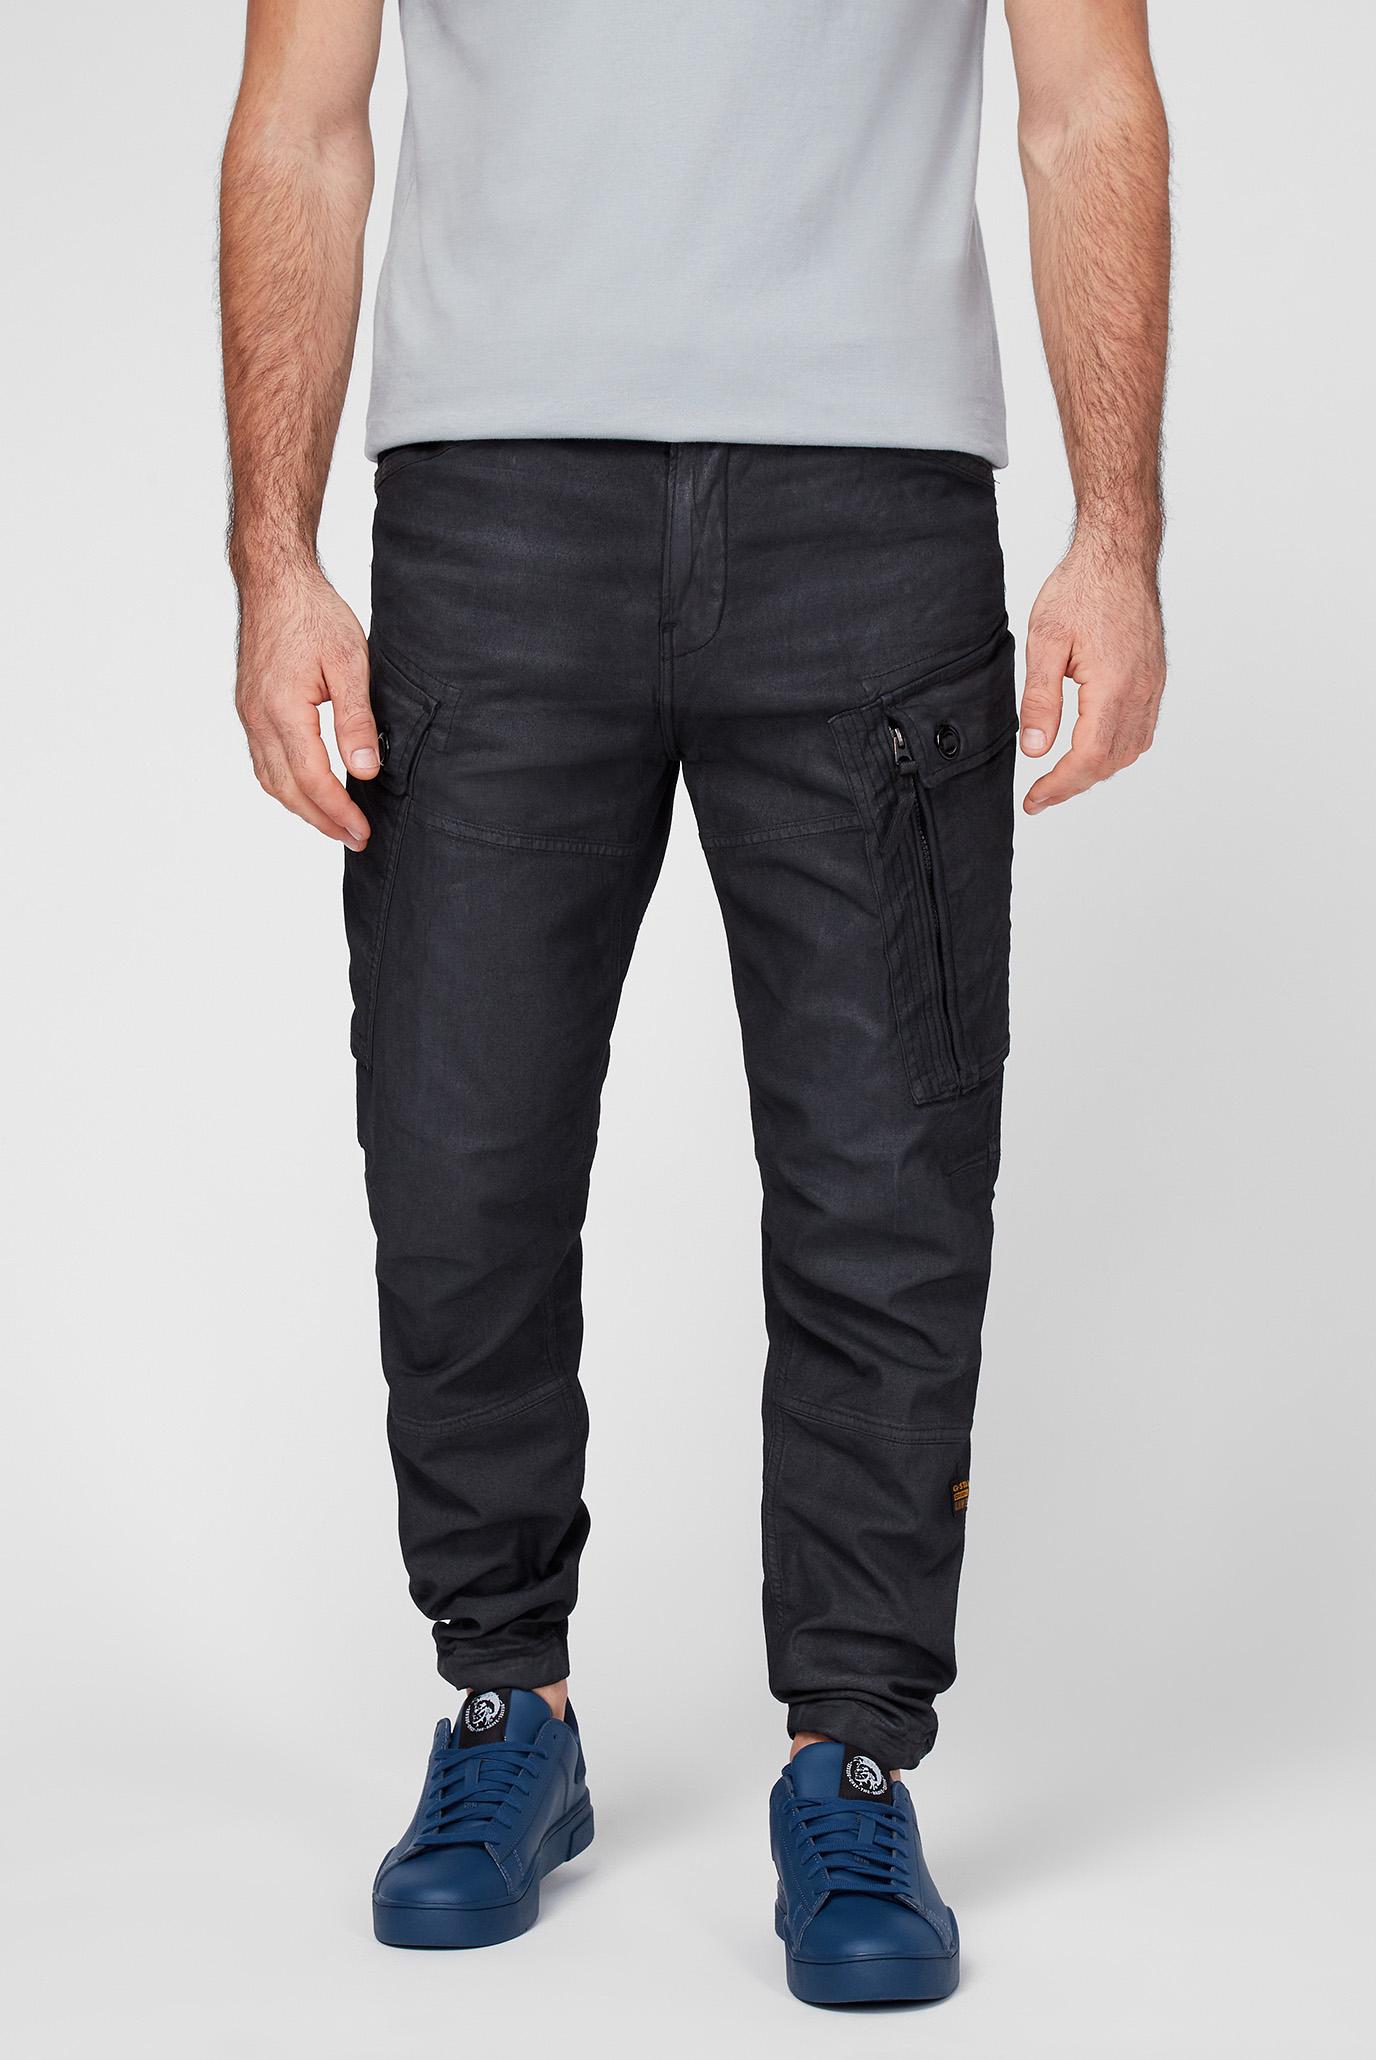 Чоловічі темно-сірі карго Roxic 1